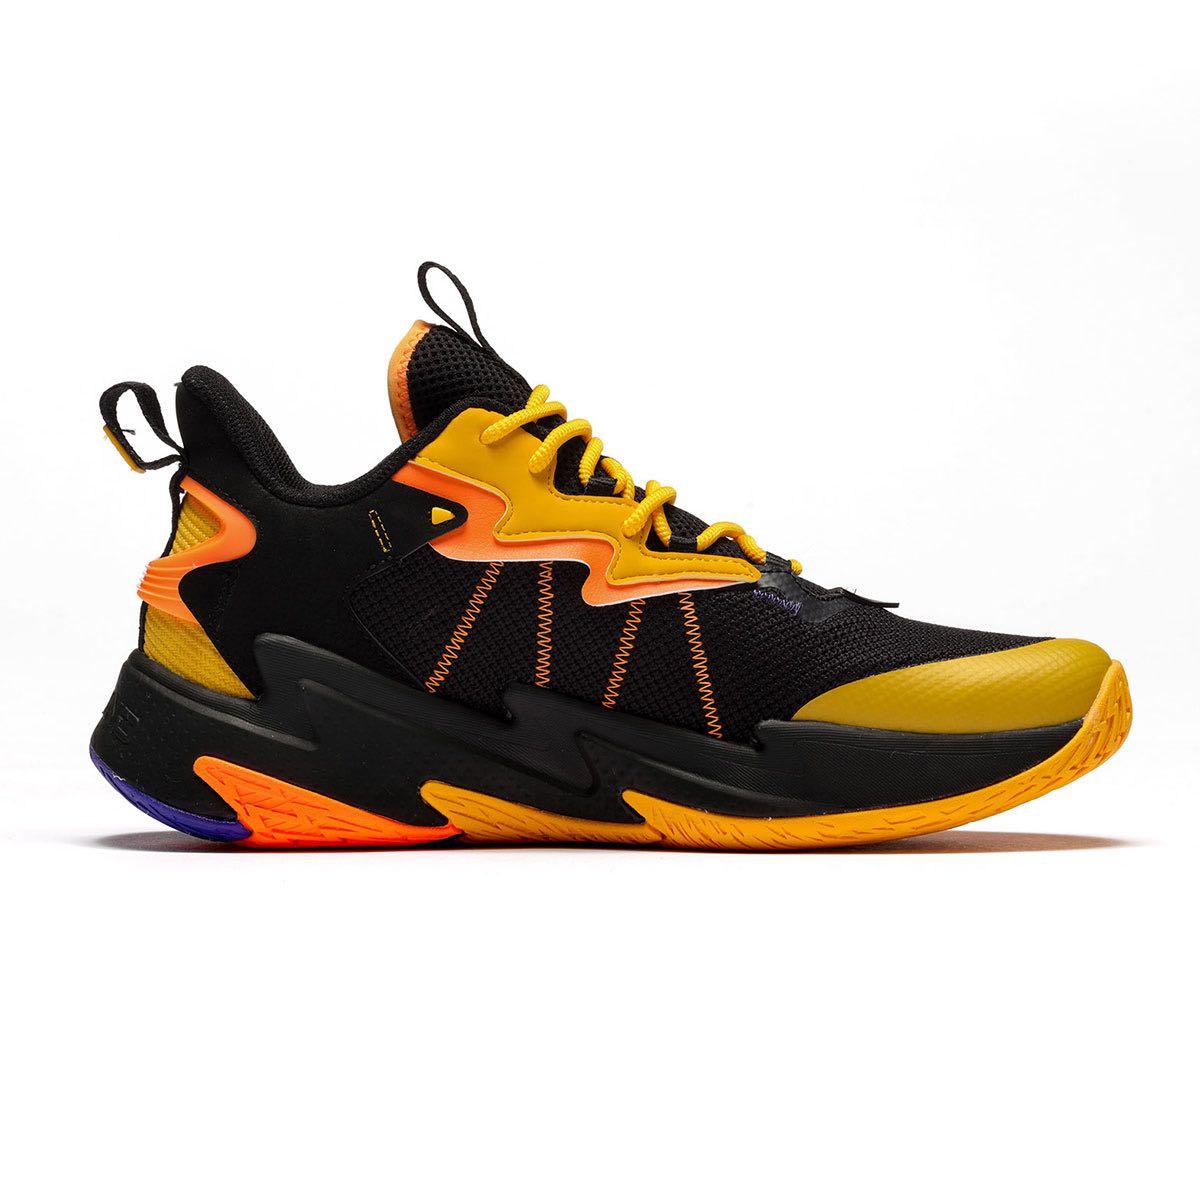 361° 男士减震篮球鞋